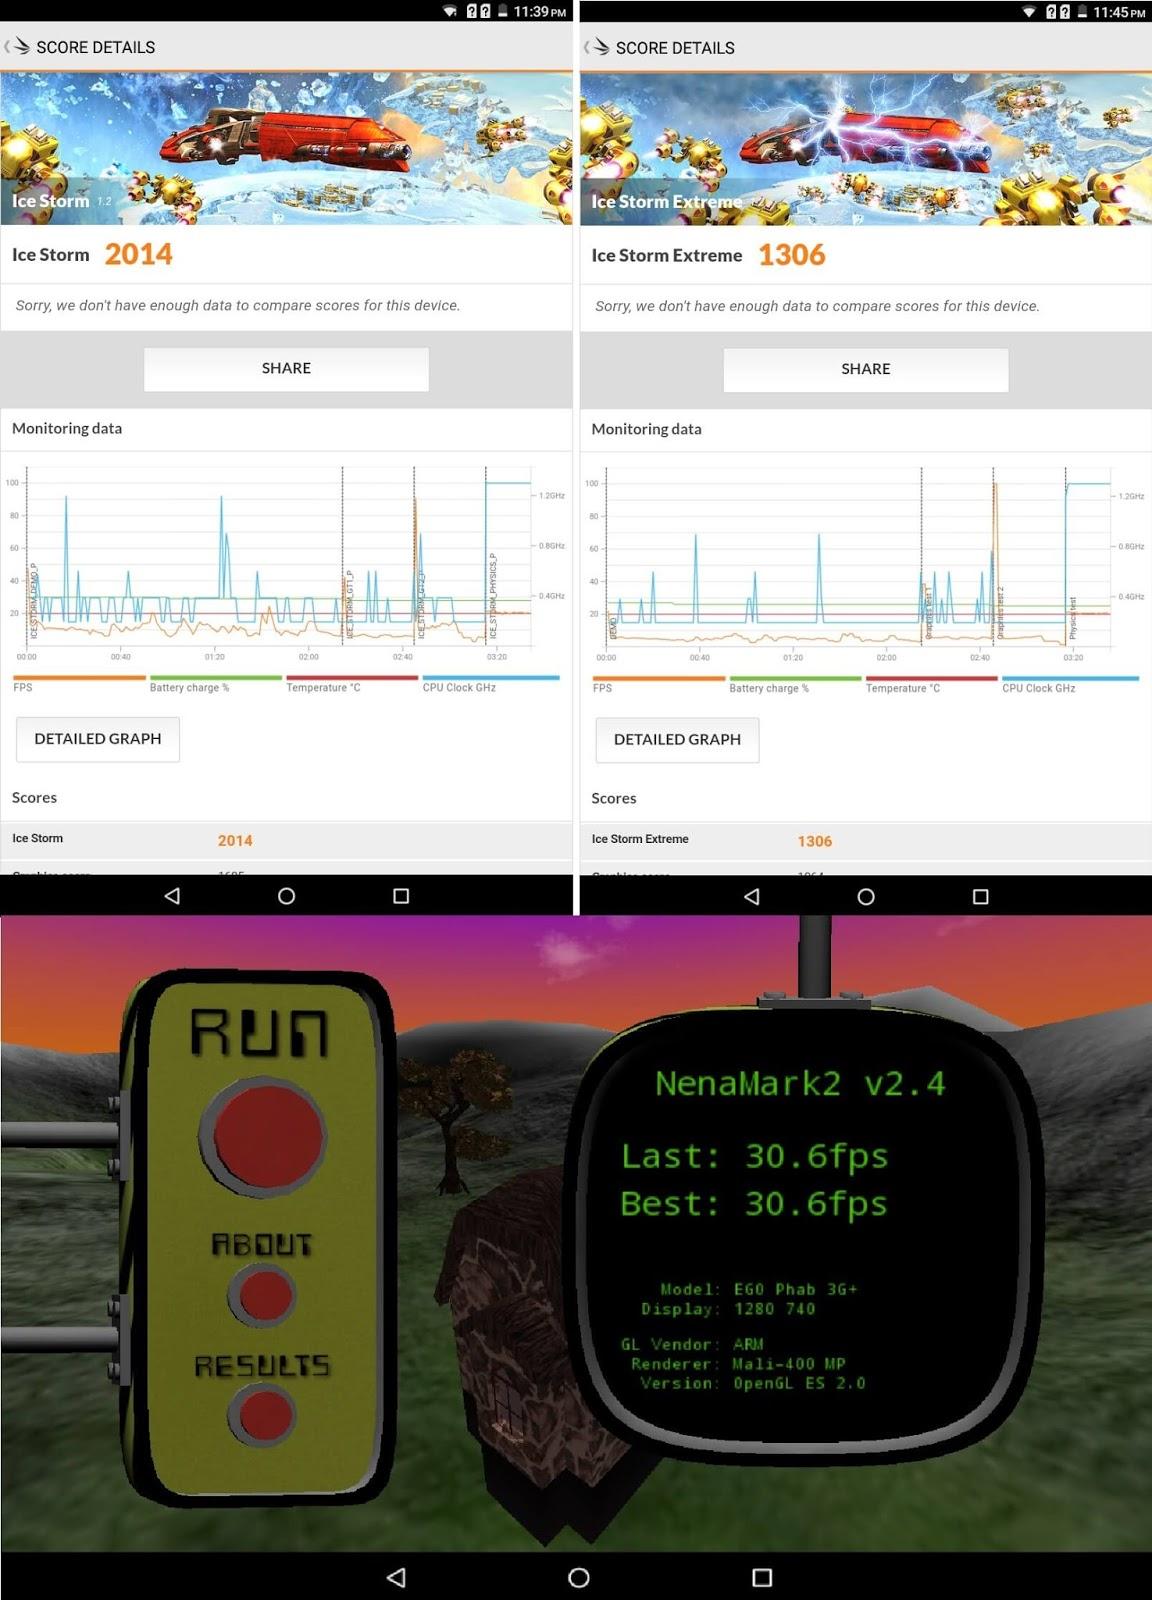 Benchmark - Torque EGO Phab 3G+